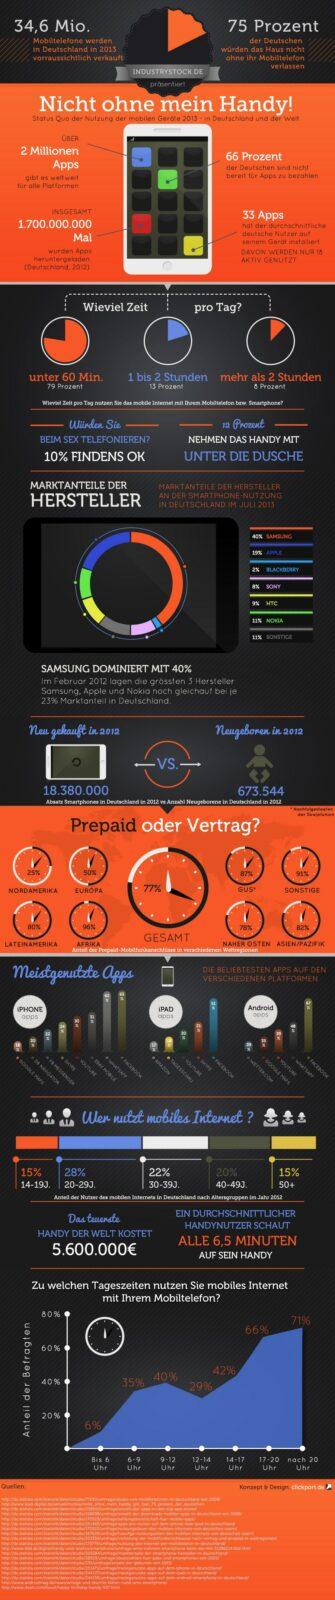 Nicht ohne mein Handy - Infografik